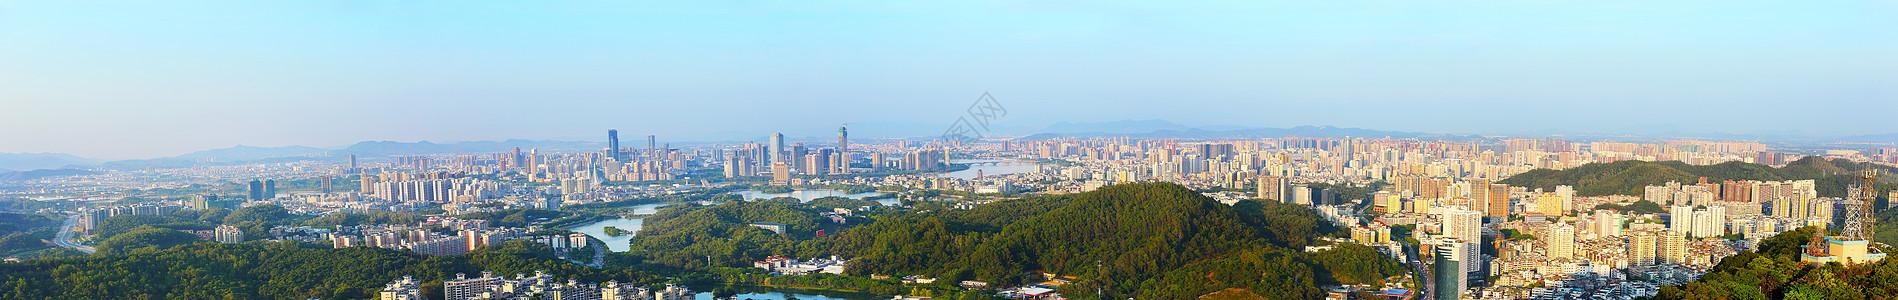 惠州全景图片